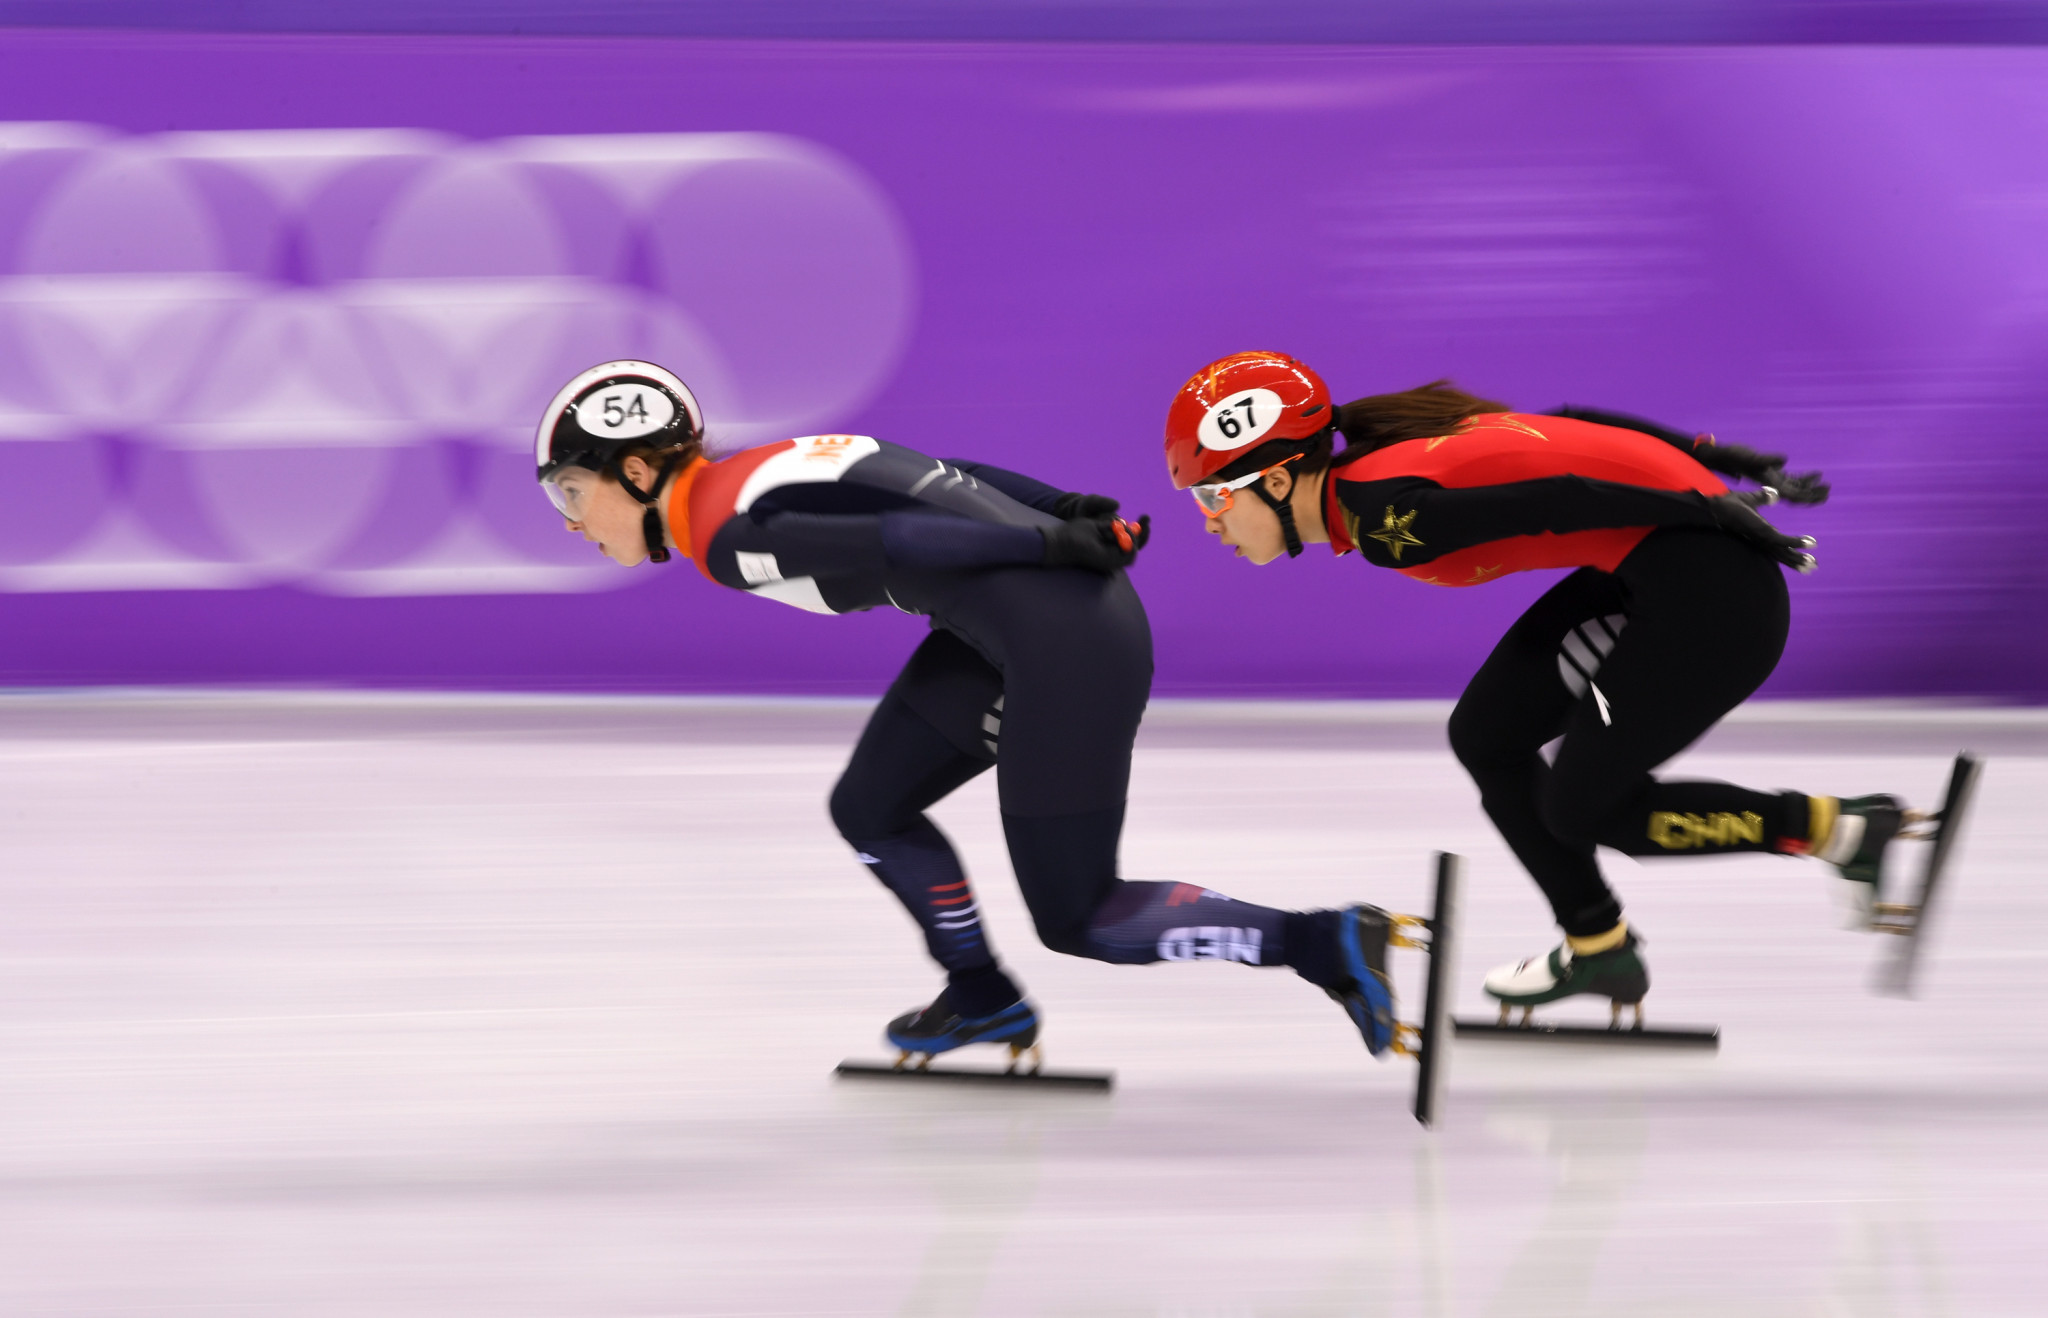 Home star Van Ruijven shines in women's 500m heats at ISU Short Track Speed Skating World Cup finale